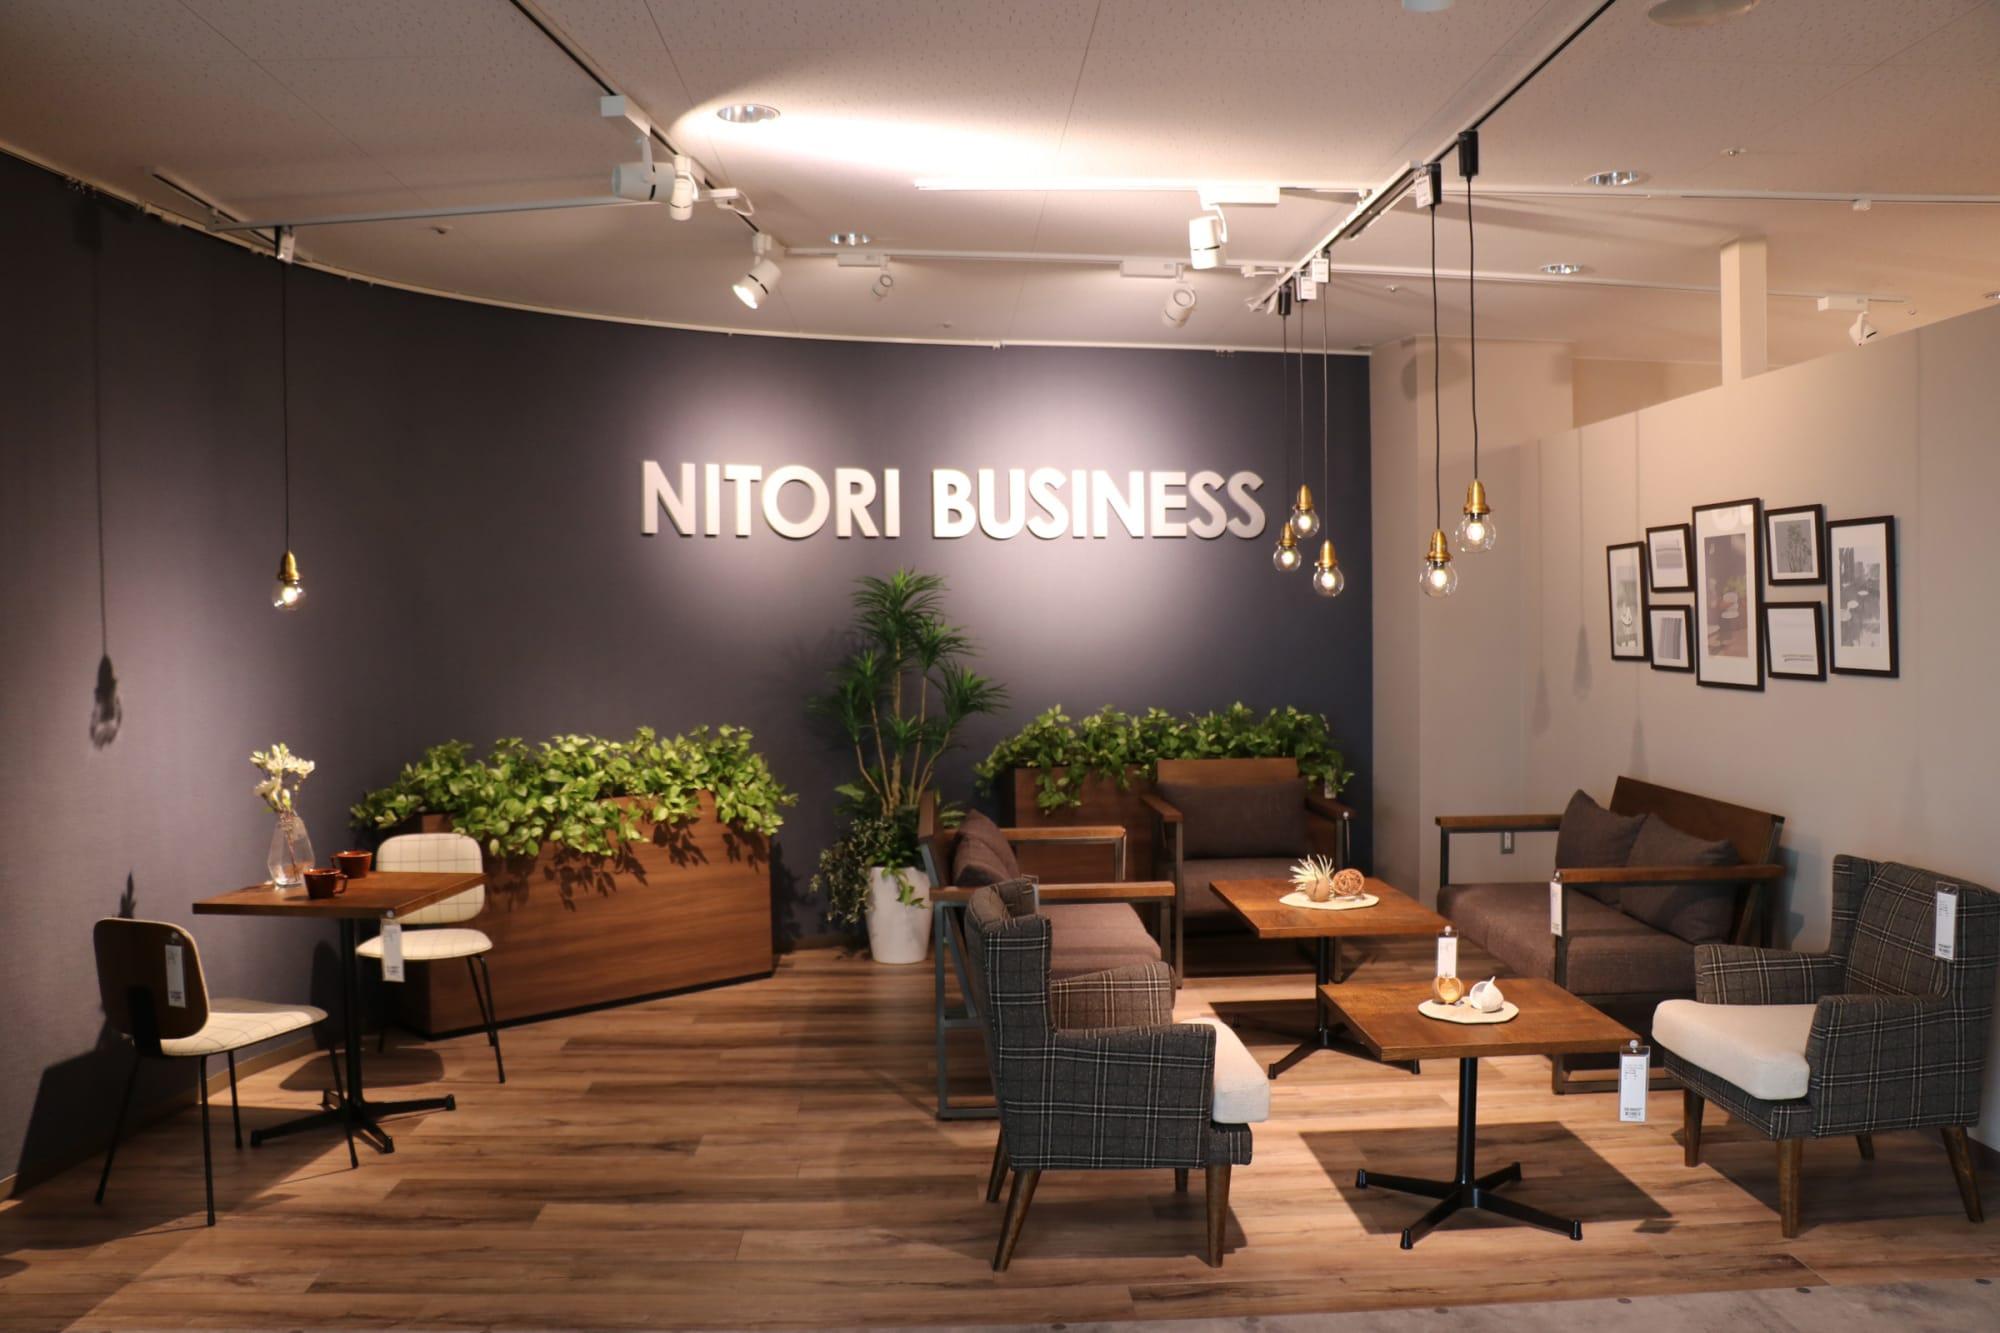 ニトリ ビジネス